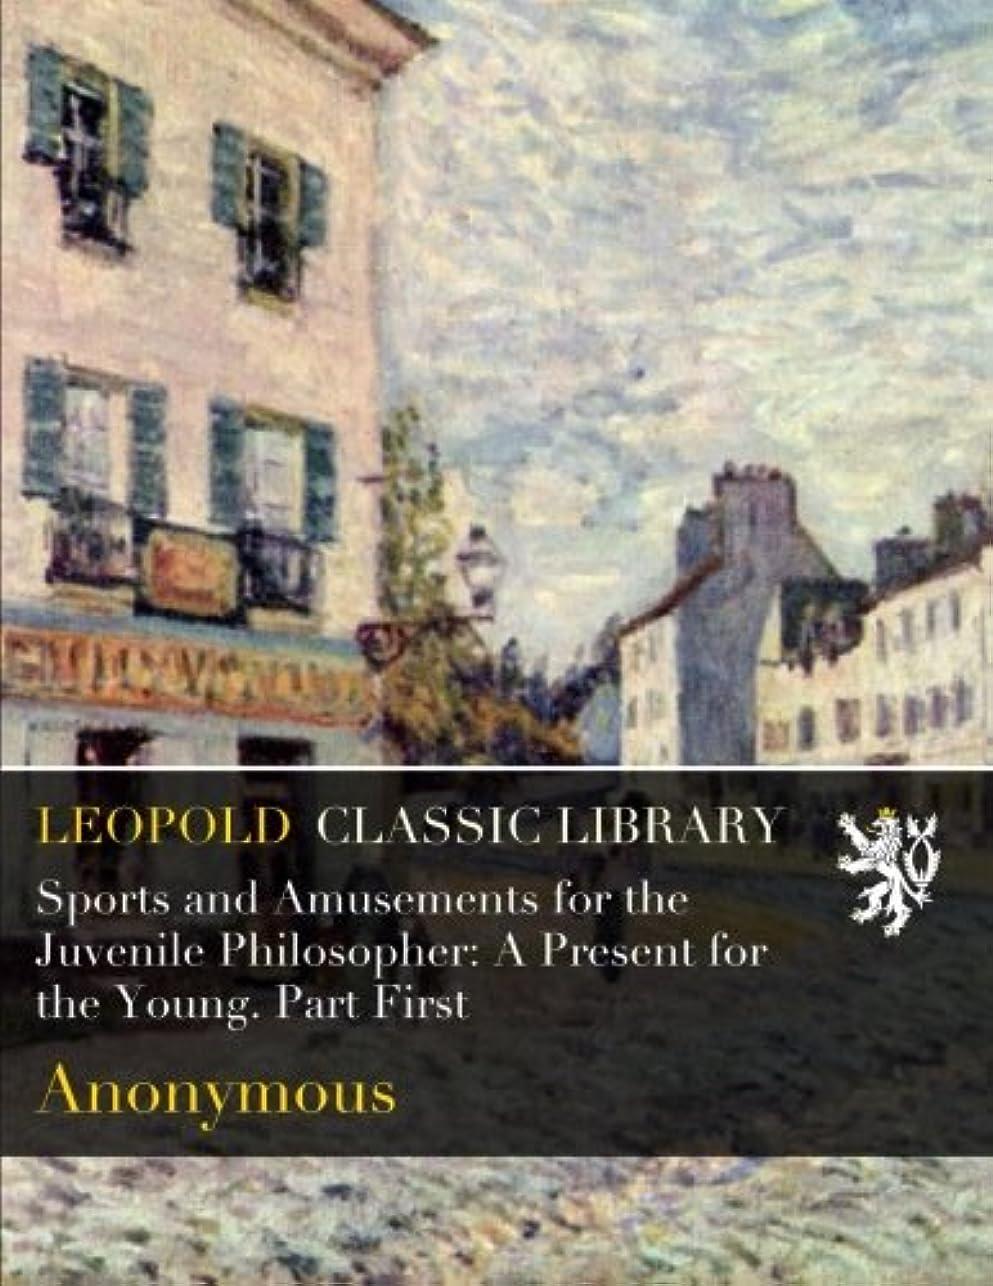 純正調停する有利Sports and Amusements for the Juvenile Philosopher: A Present for the Young. Part First